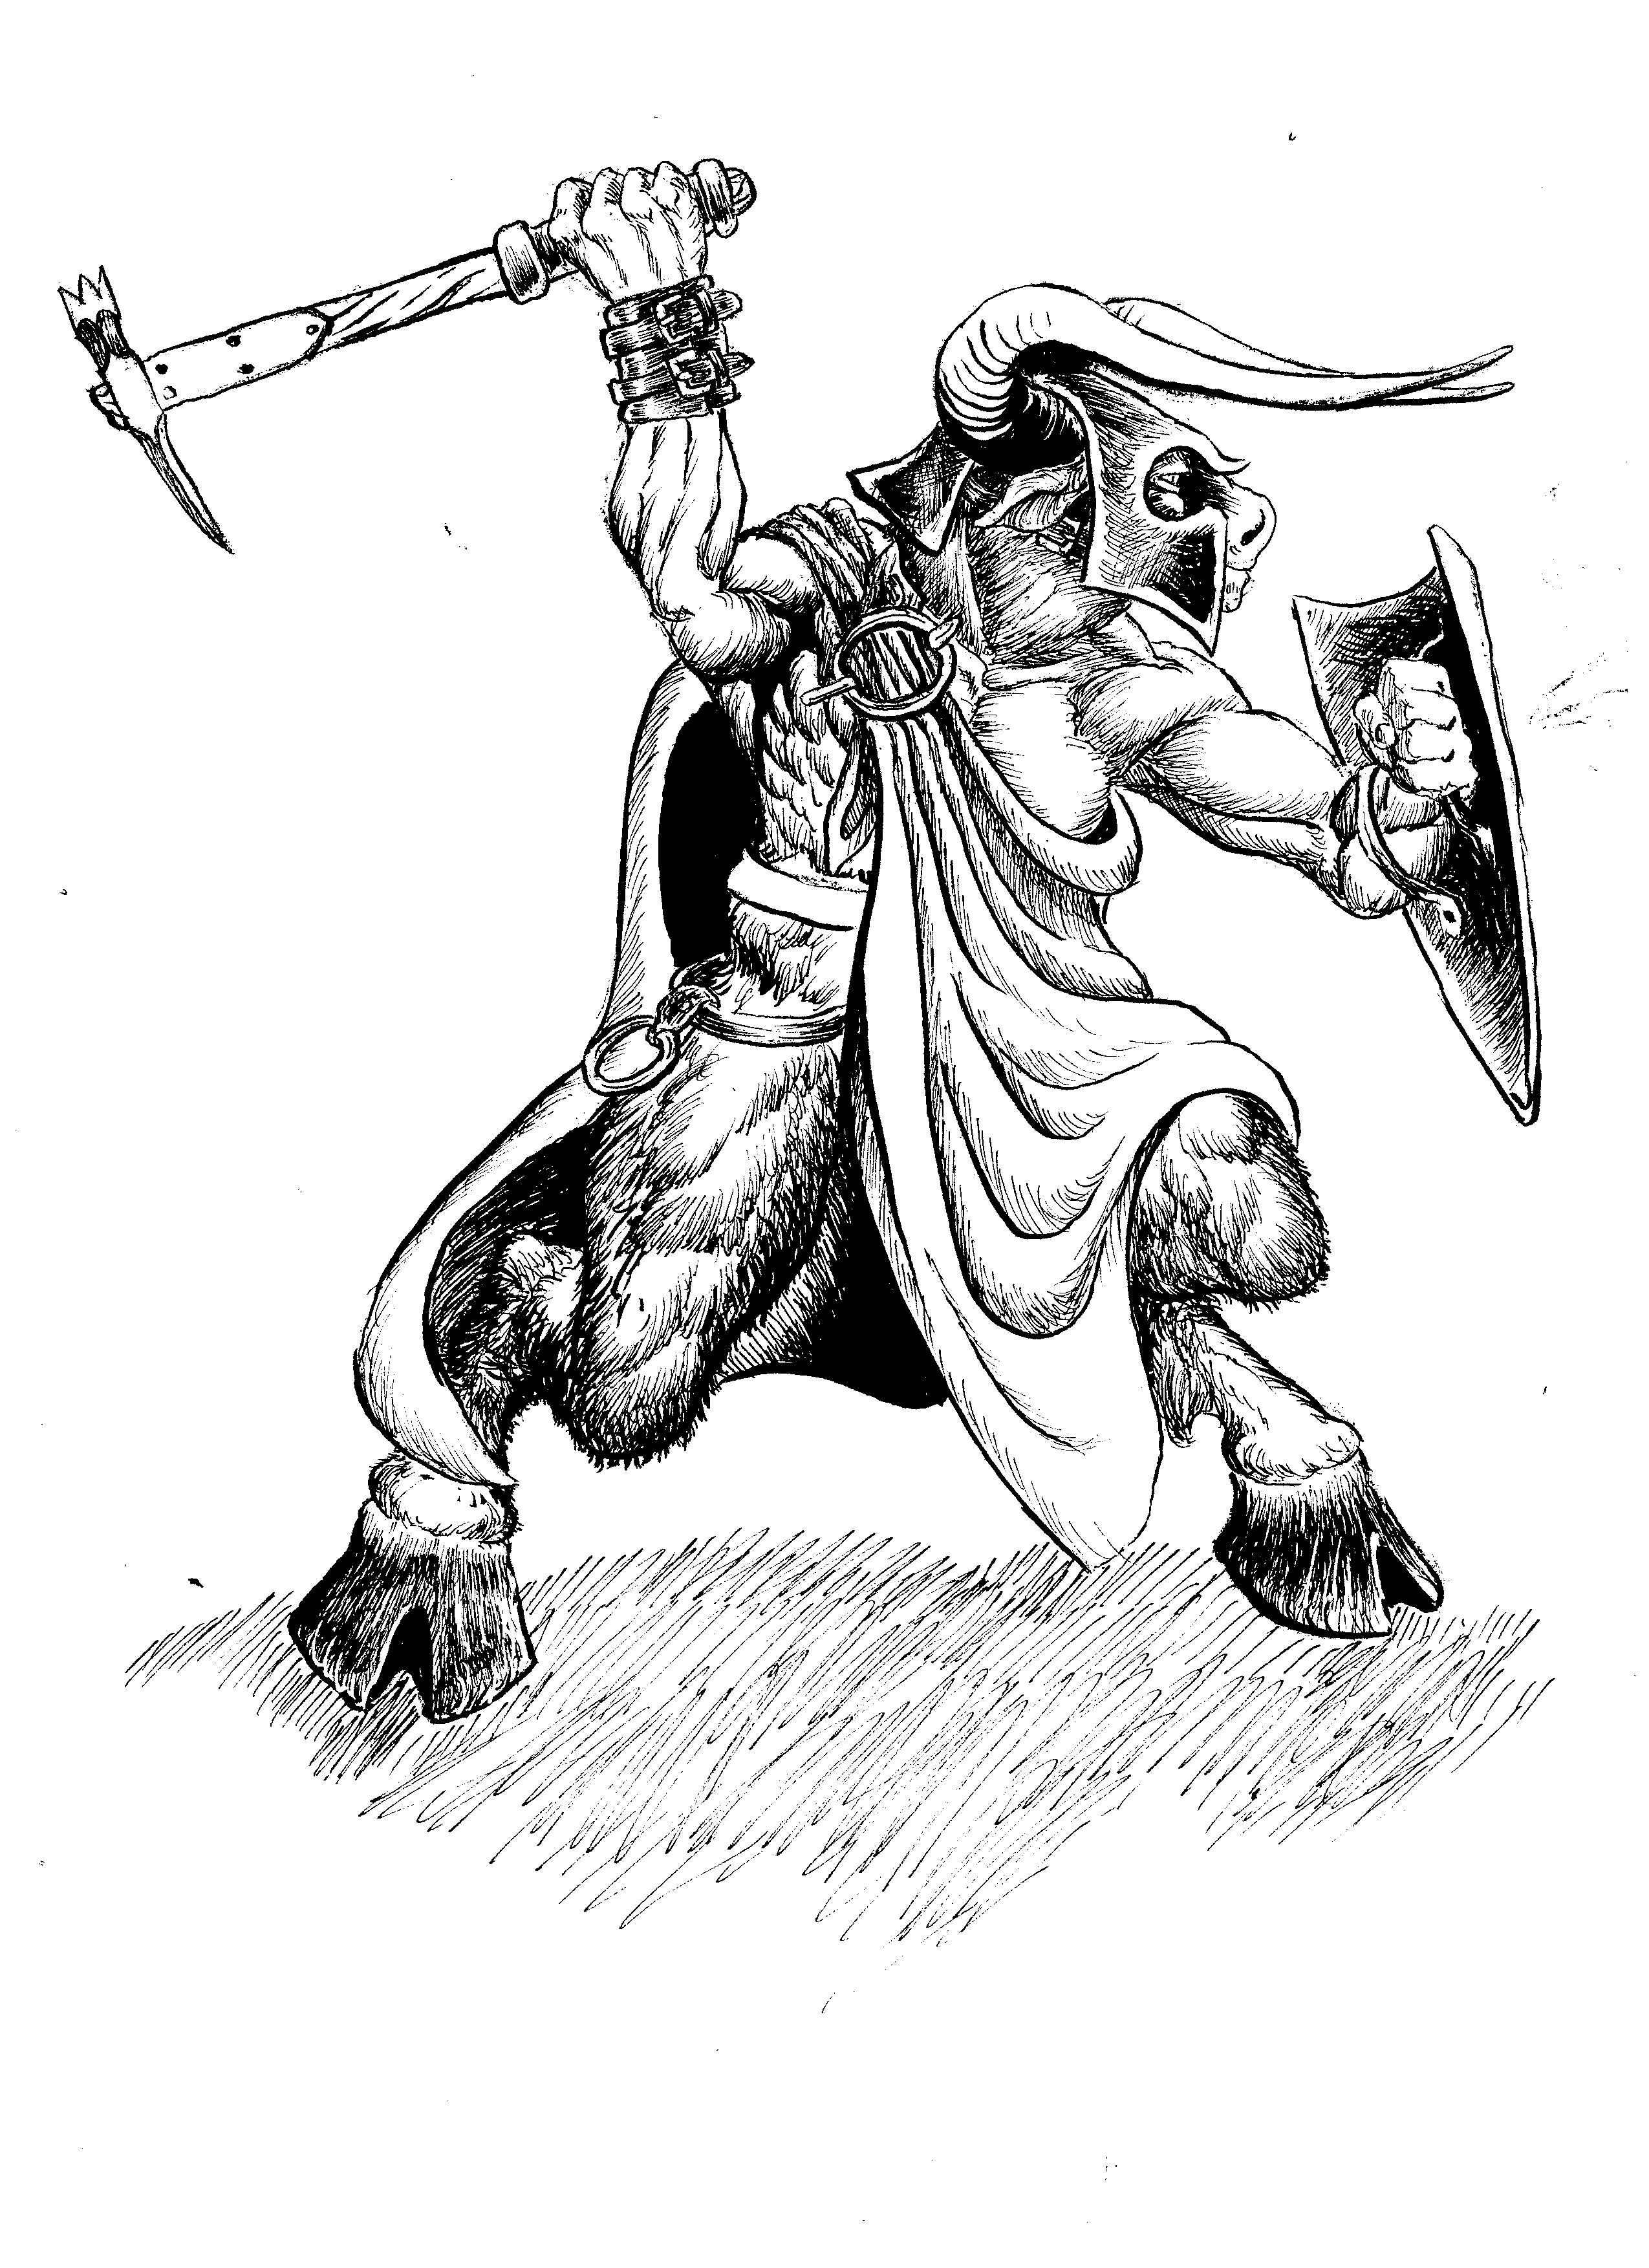 Minotaur in Ink